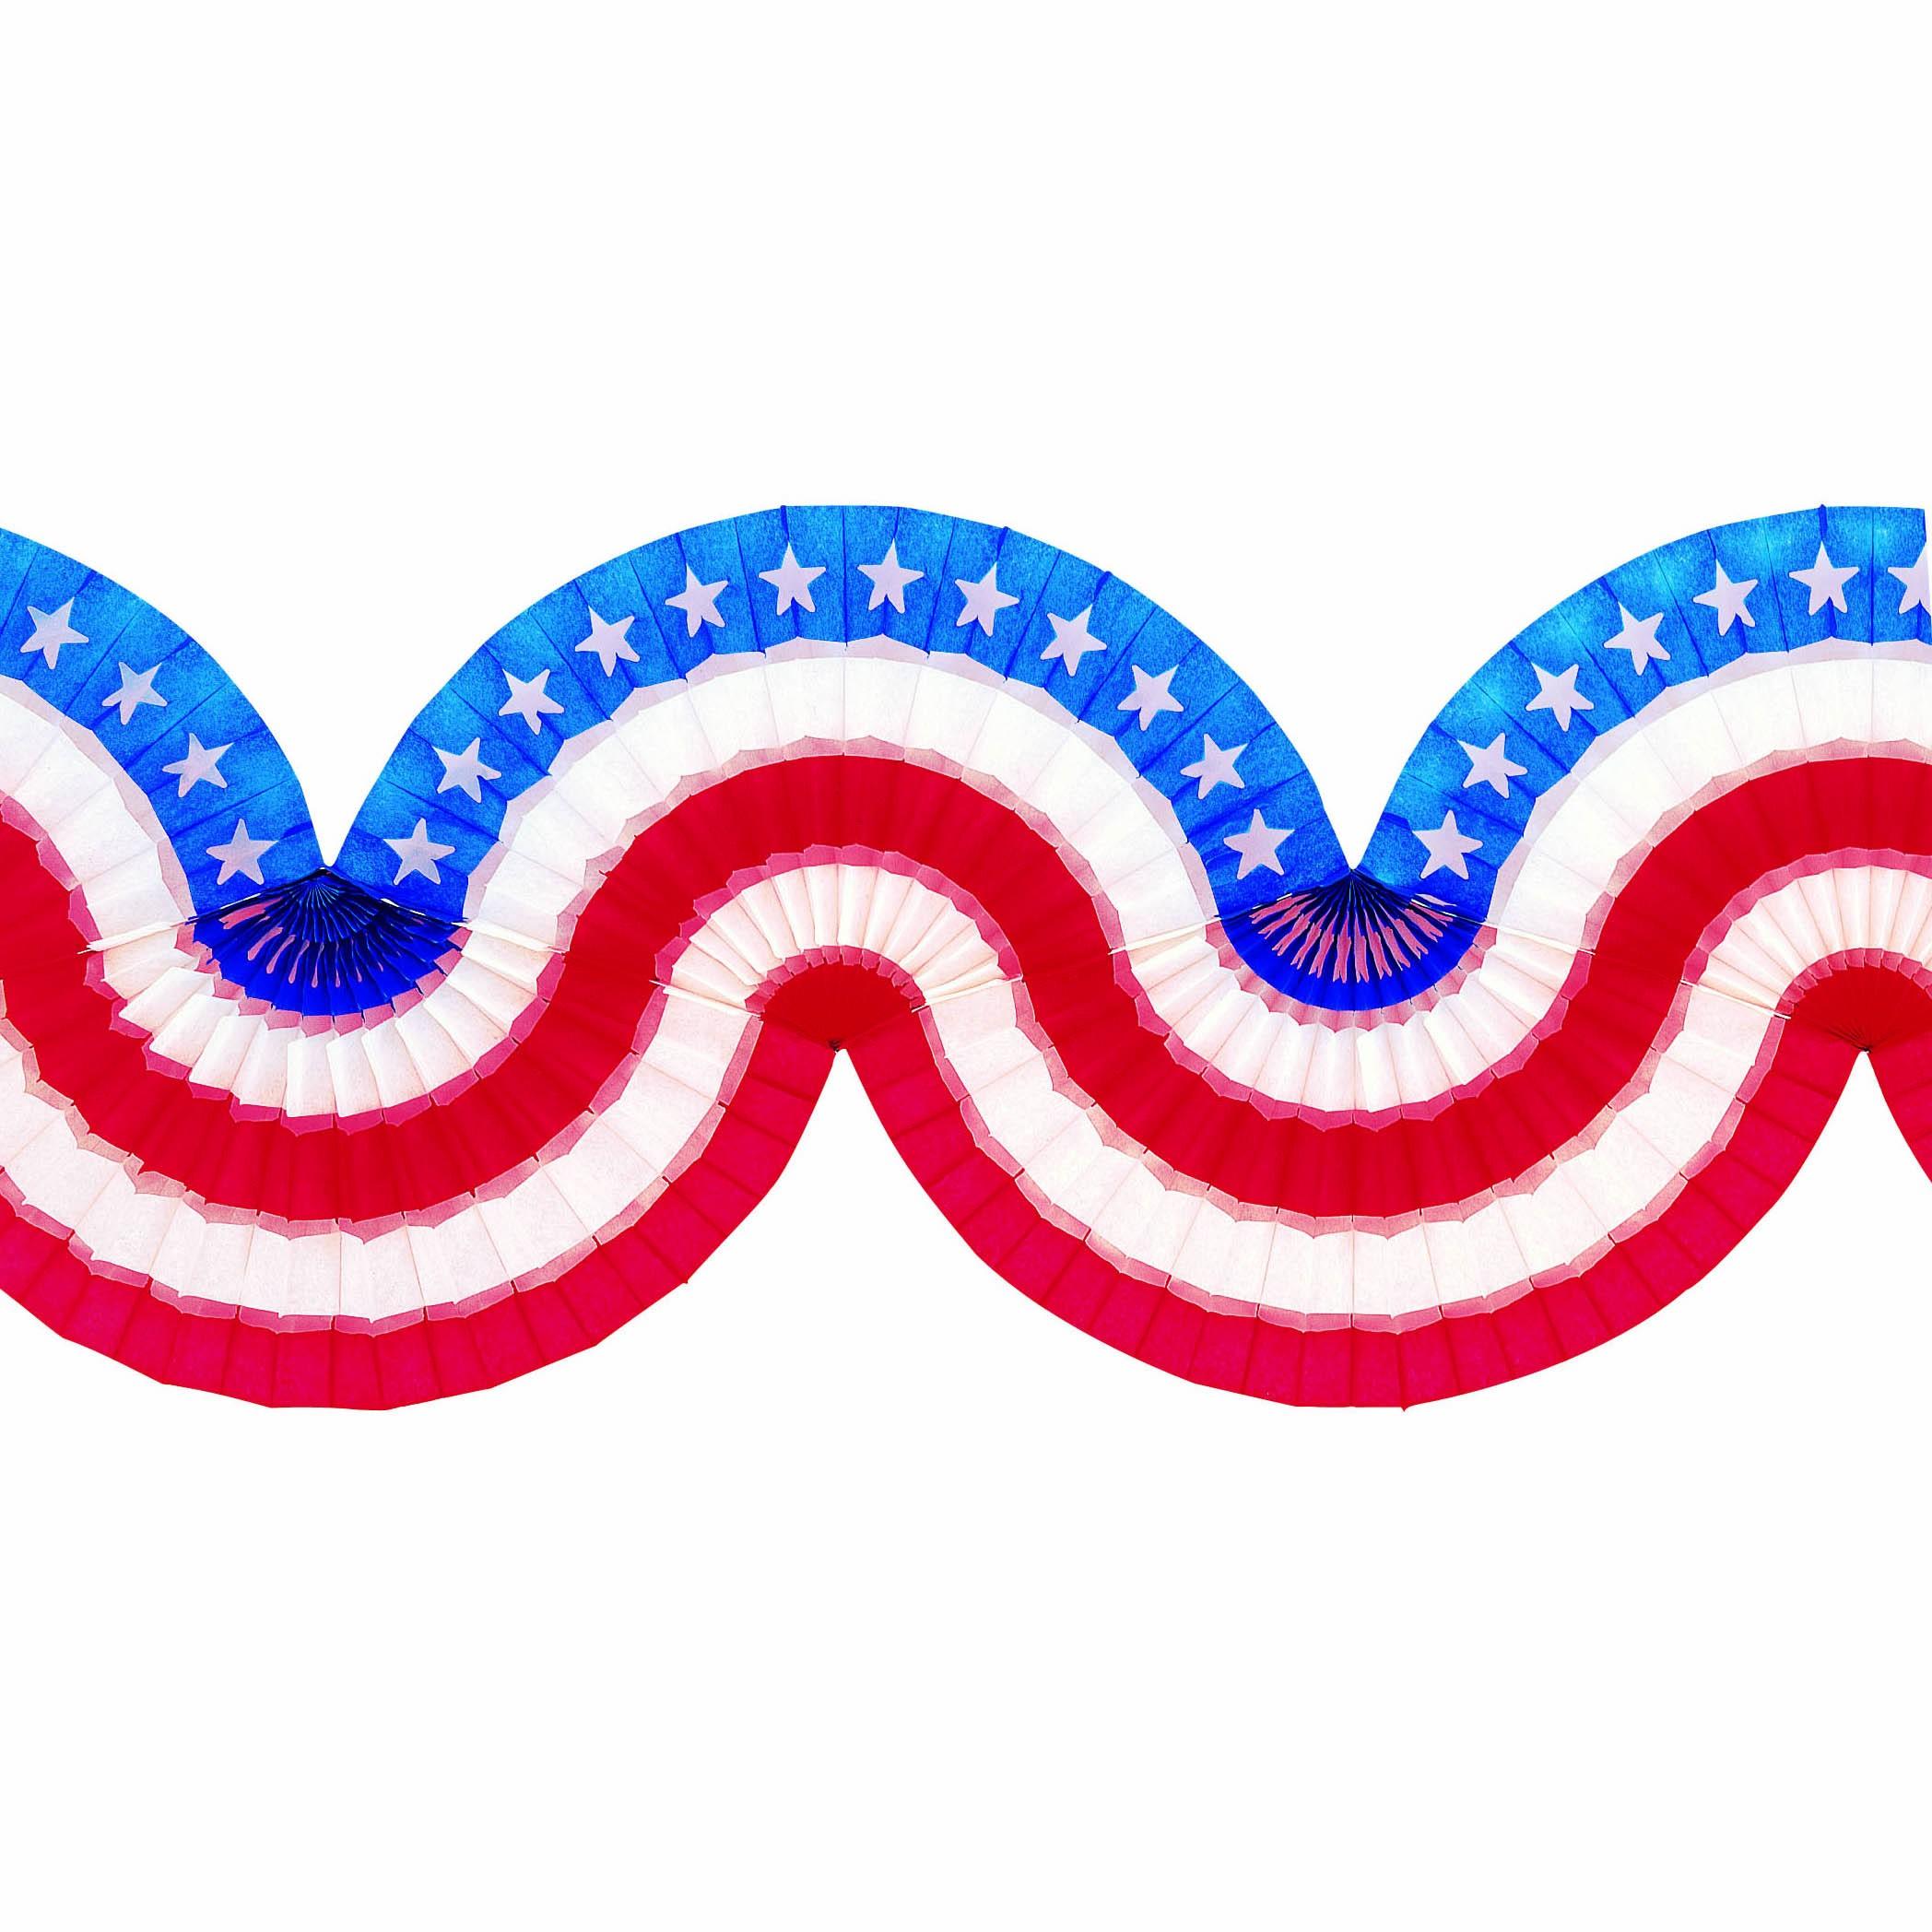 2096x2096 Patriotic Borders Clip Art Clipart Panda